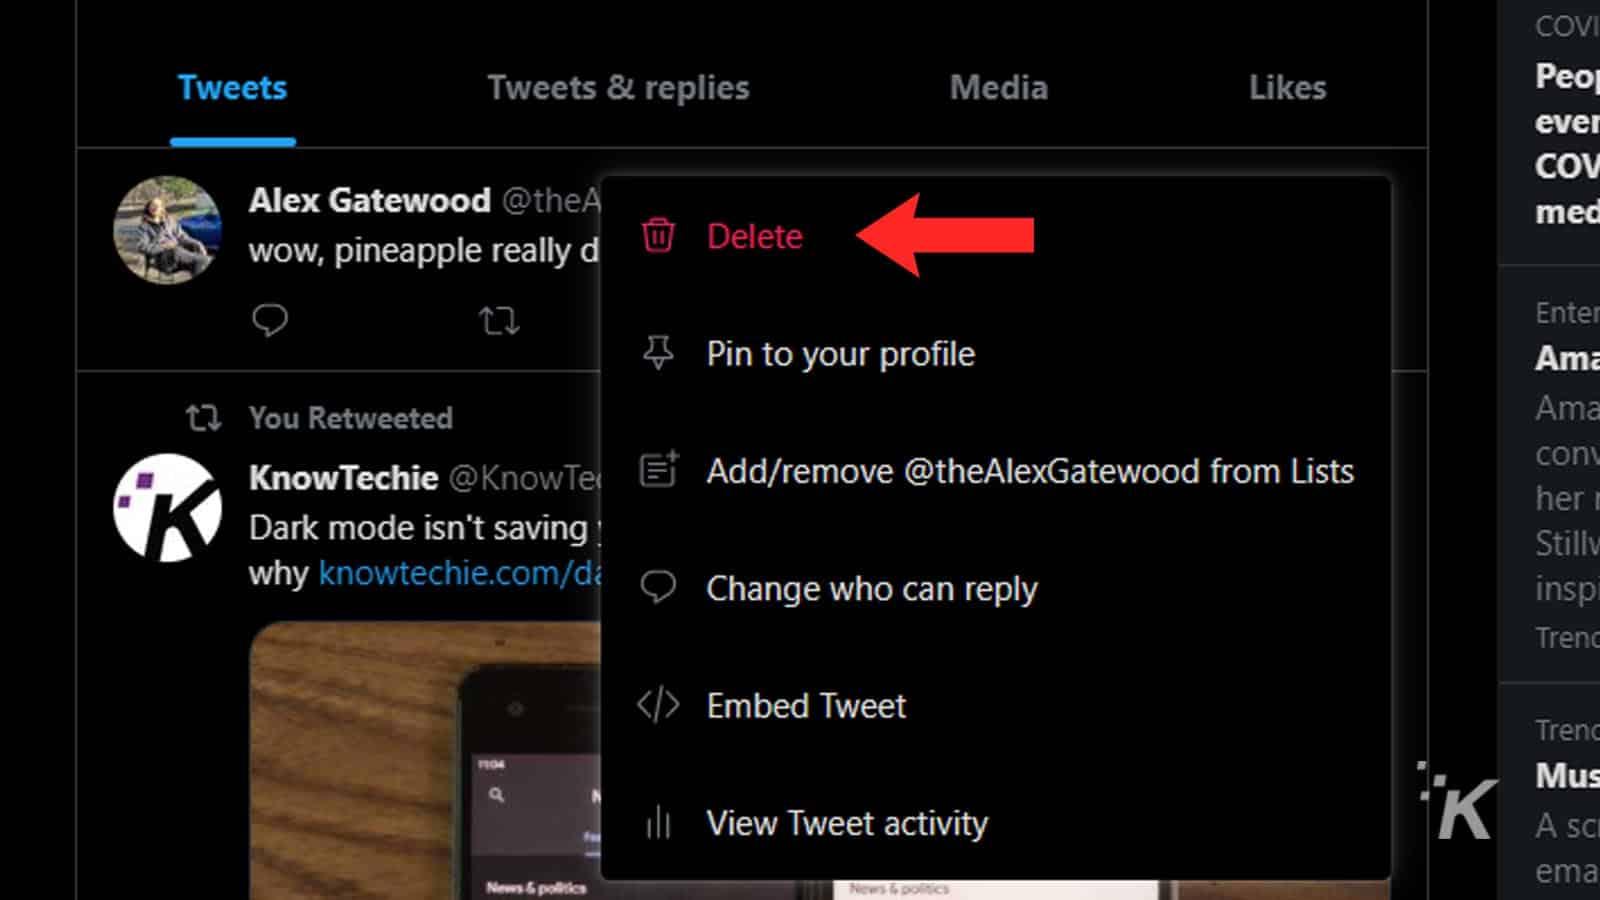 deleting tweets on desktop